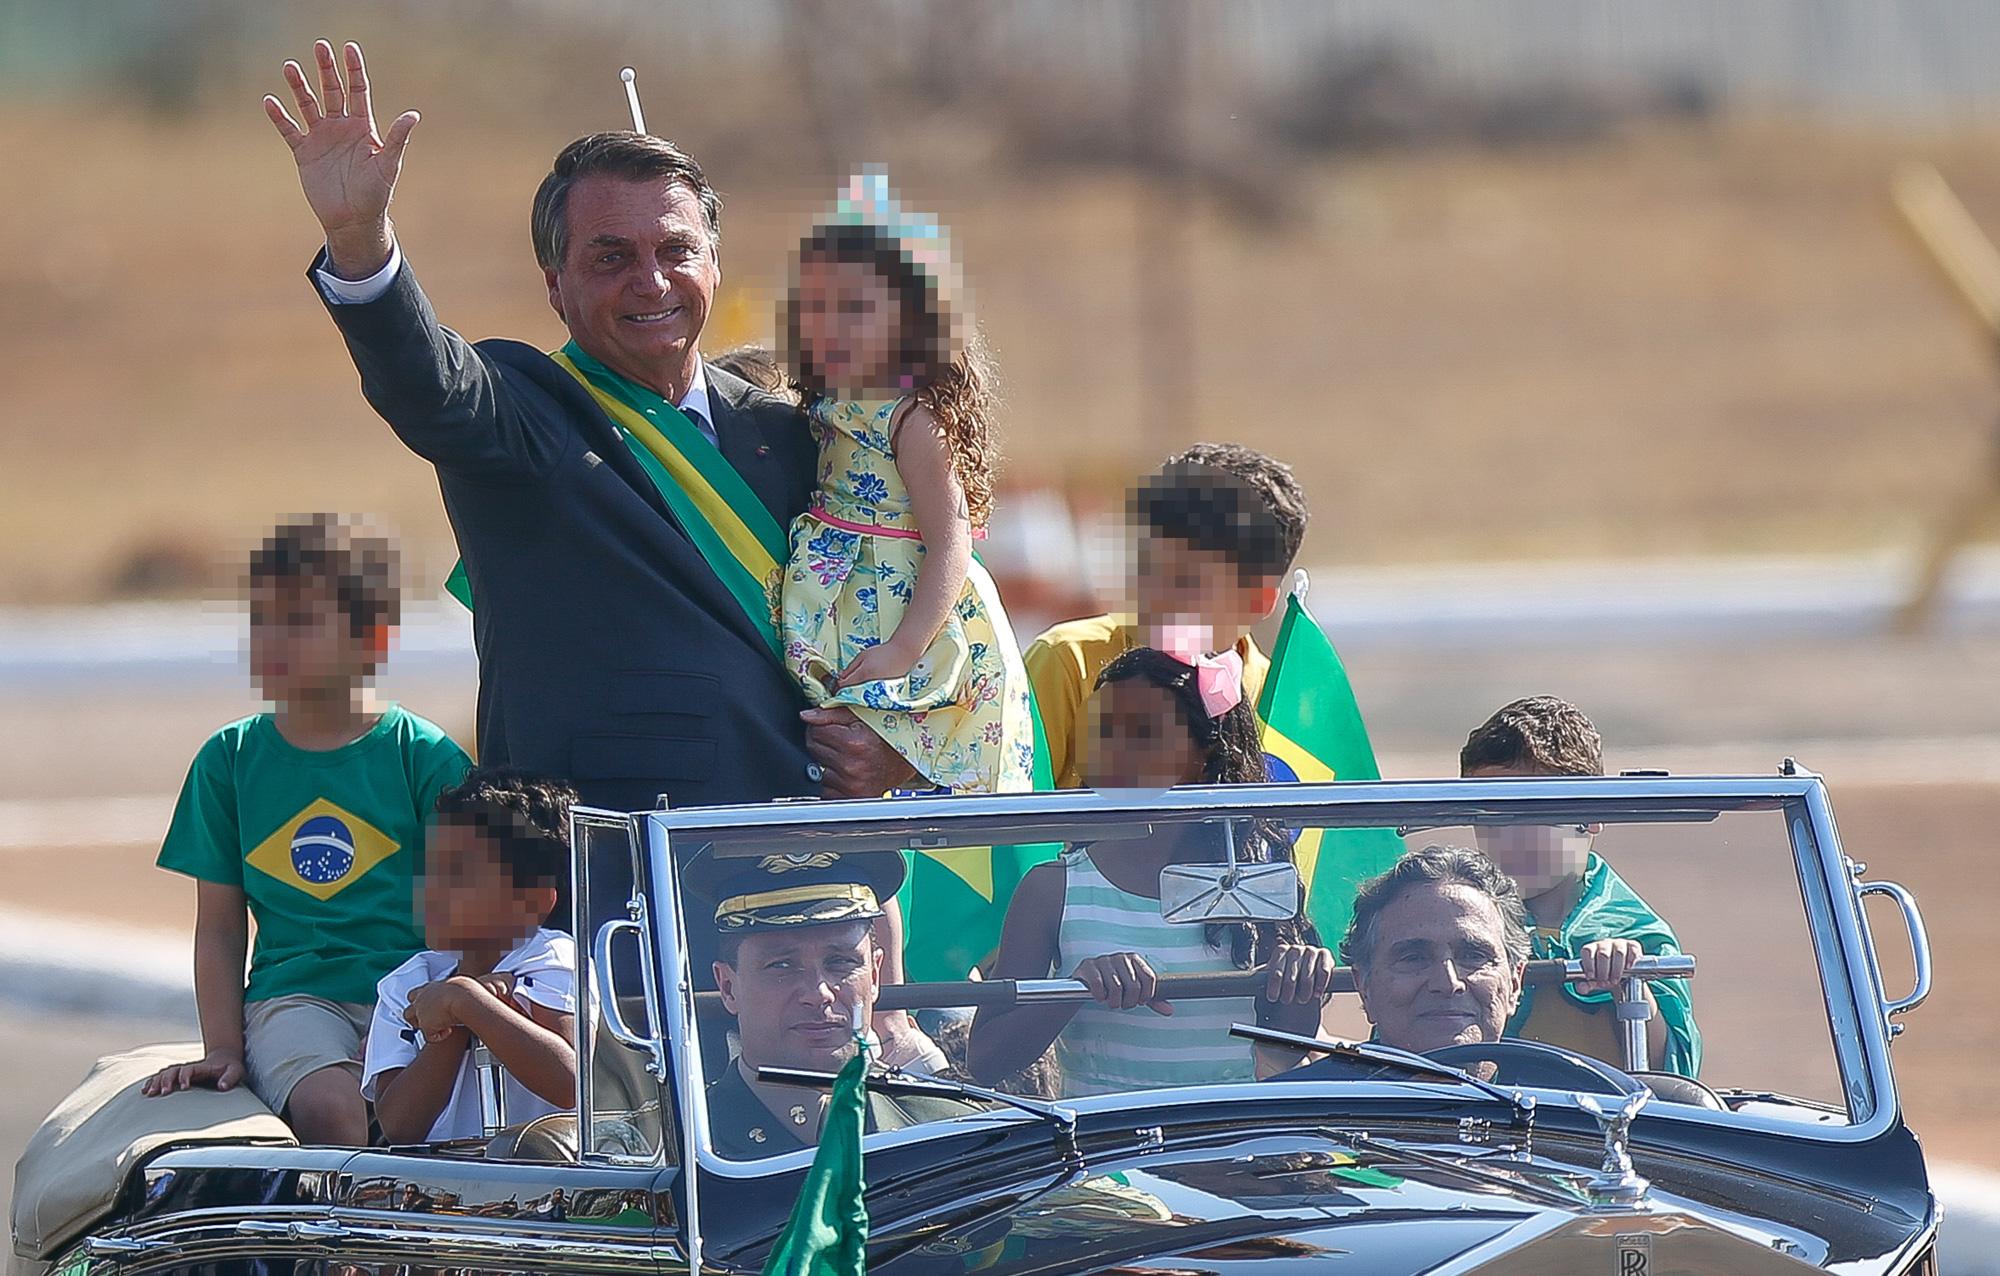 BRASILIA, DF,  BRASIL,  07-09-2021, 12h00: O presidente Jair Bolsonaro chega em carro aberto, dirigido pelo piloto Nelson Piquet, para a cerimônia de hasteamento da bandeira no Palácio da Alvorada. (Foto: Pedro Ladeira/Folhapress)